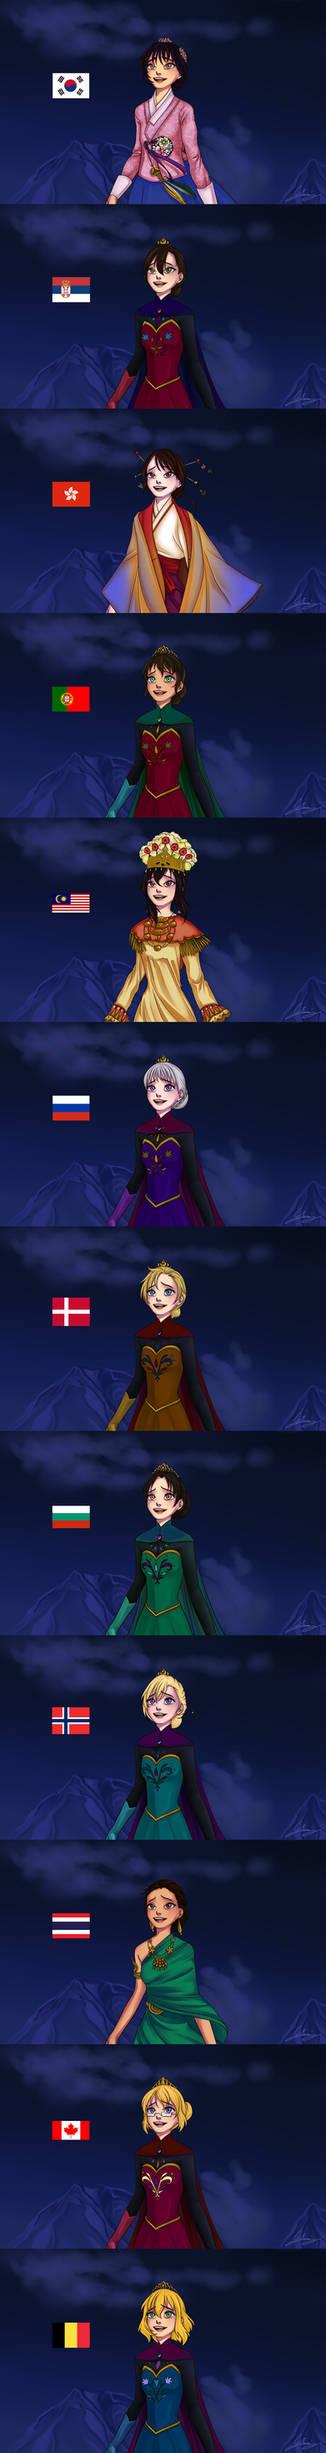 Frozen-Hetalia - Let it go - complete2